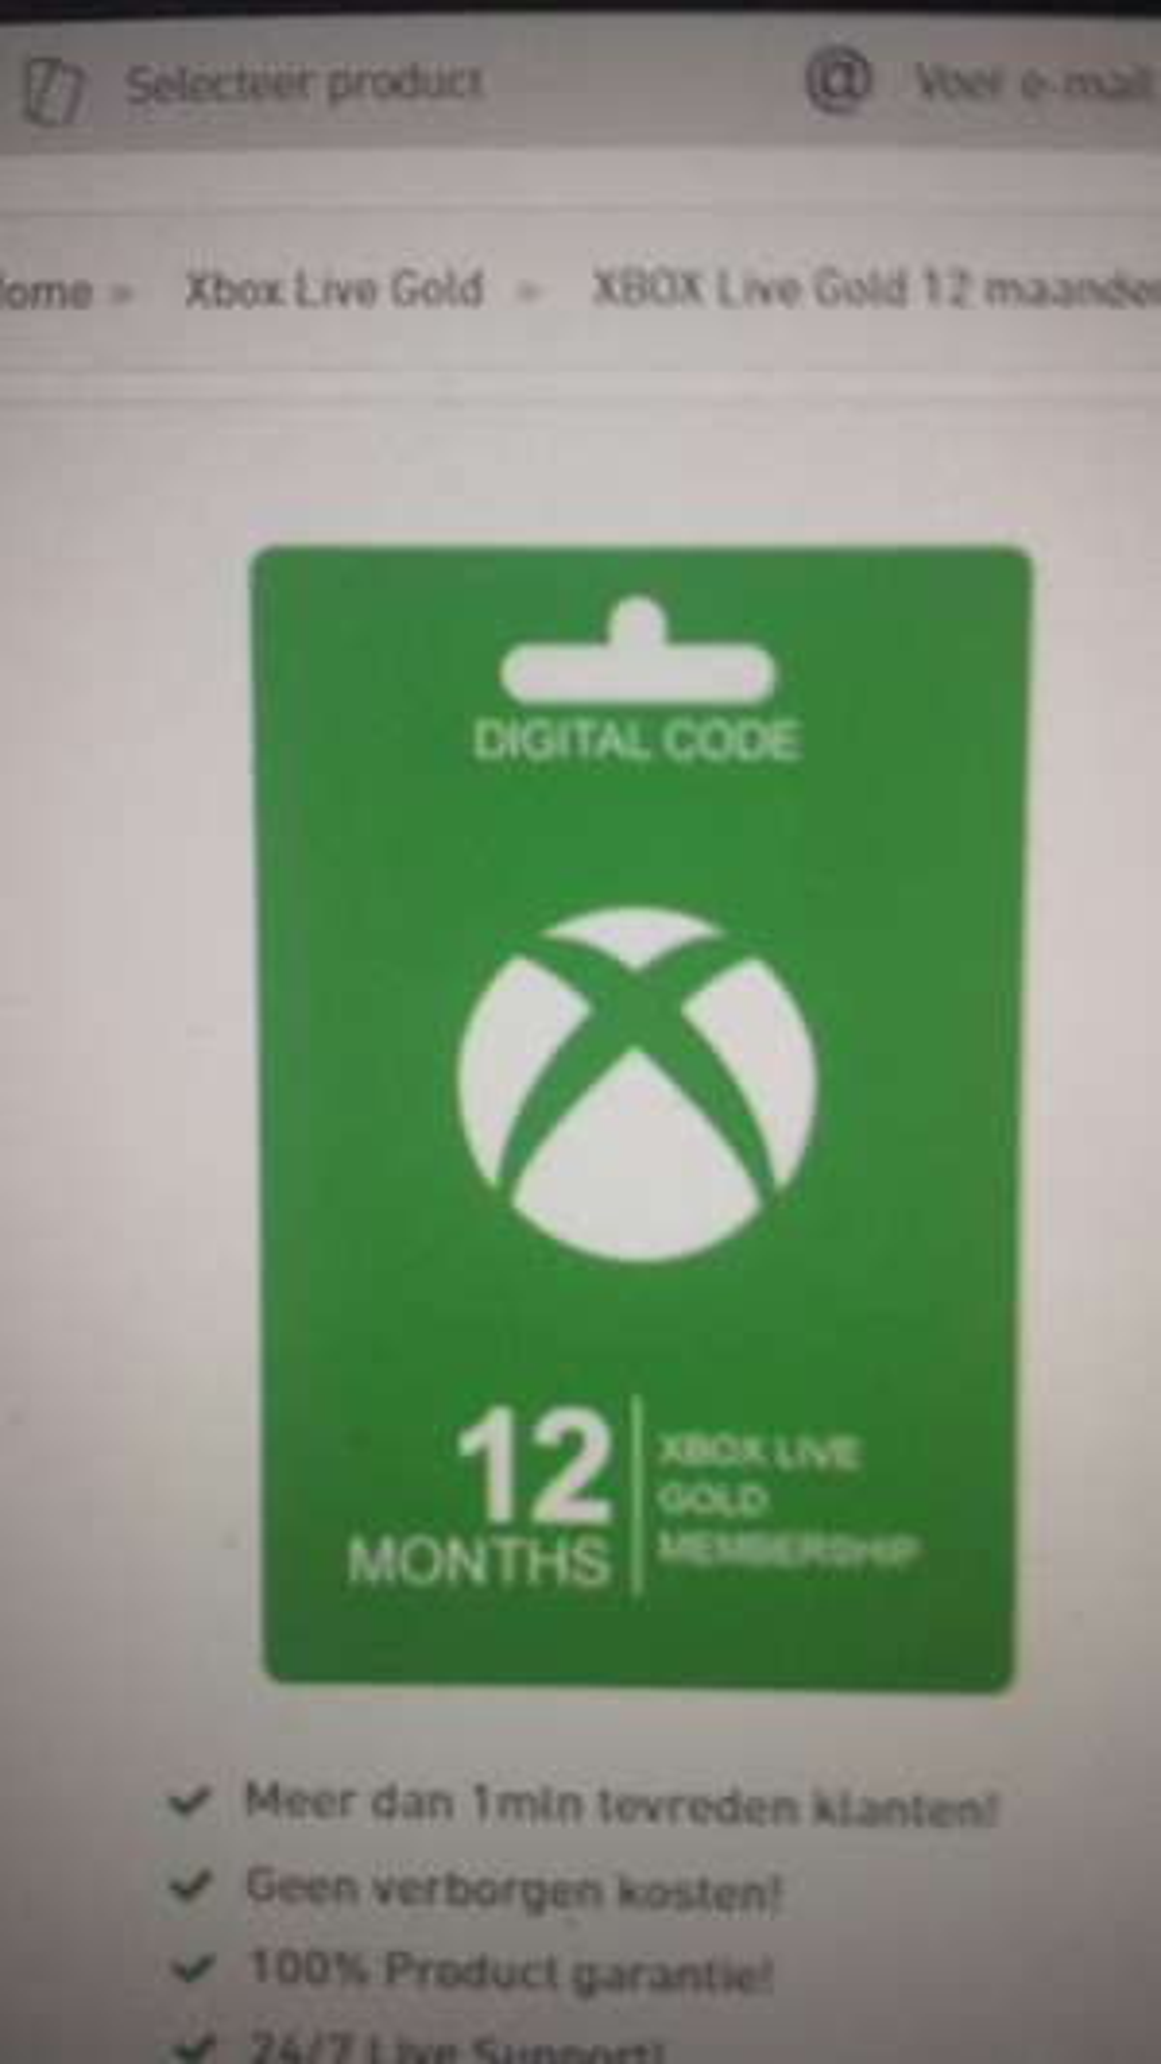 Xbox live gold 12 maanden 31.25 ( Met vpn)